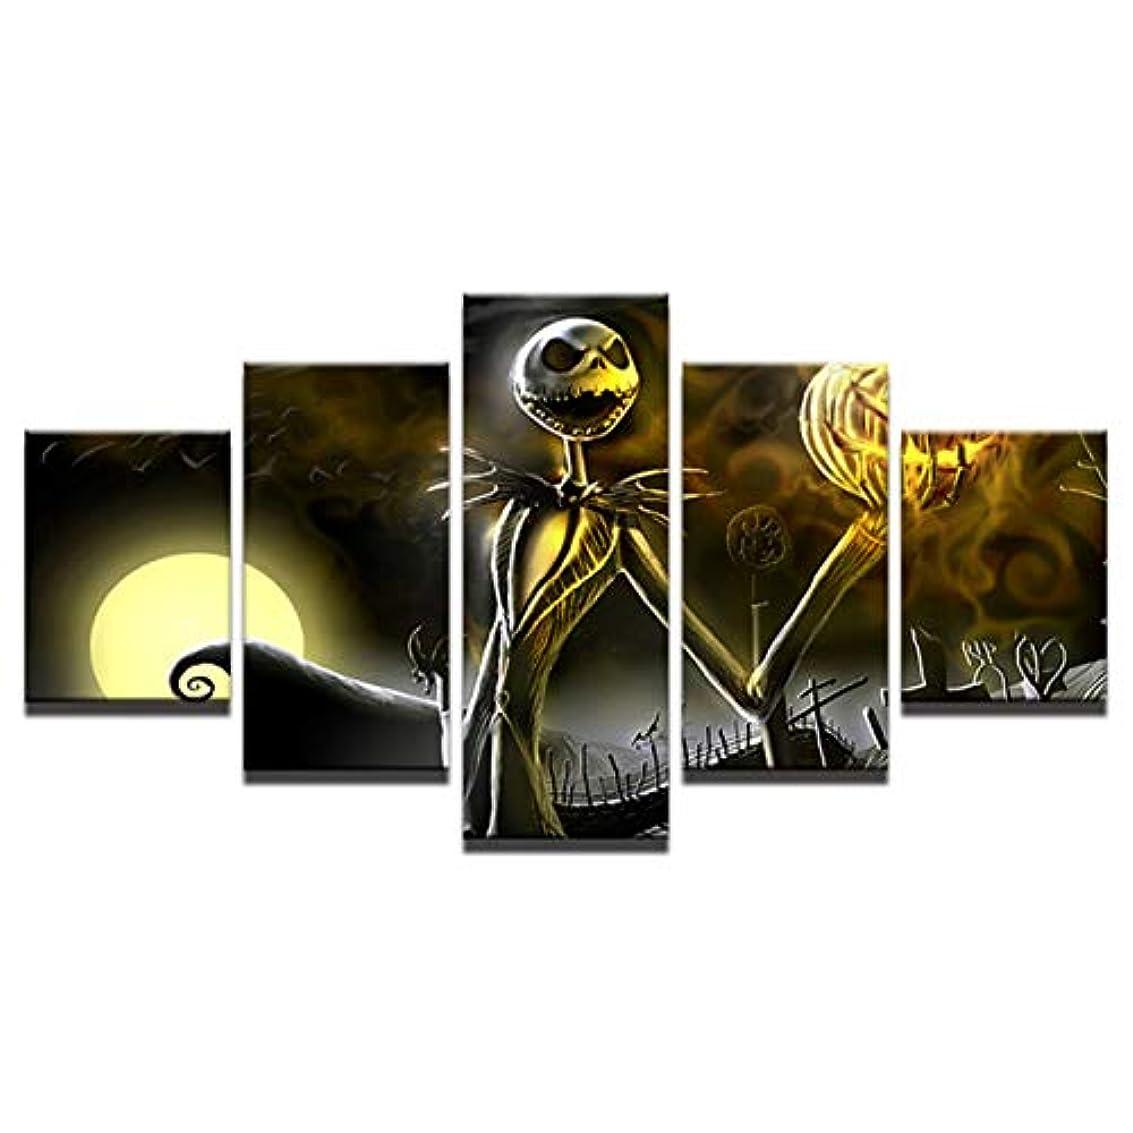 ゆでる練る倫理的Saikogoods レトロジャック?スケリントン絵画モジュラーキャンバスウォールアート写真5つのHallowmasホームデコレーション 多色 20×35cm×2個20×45cm×2個20×5